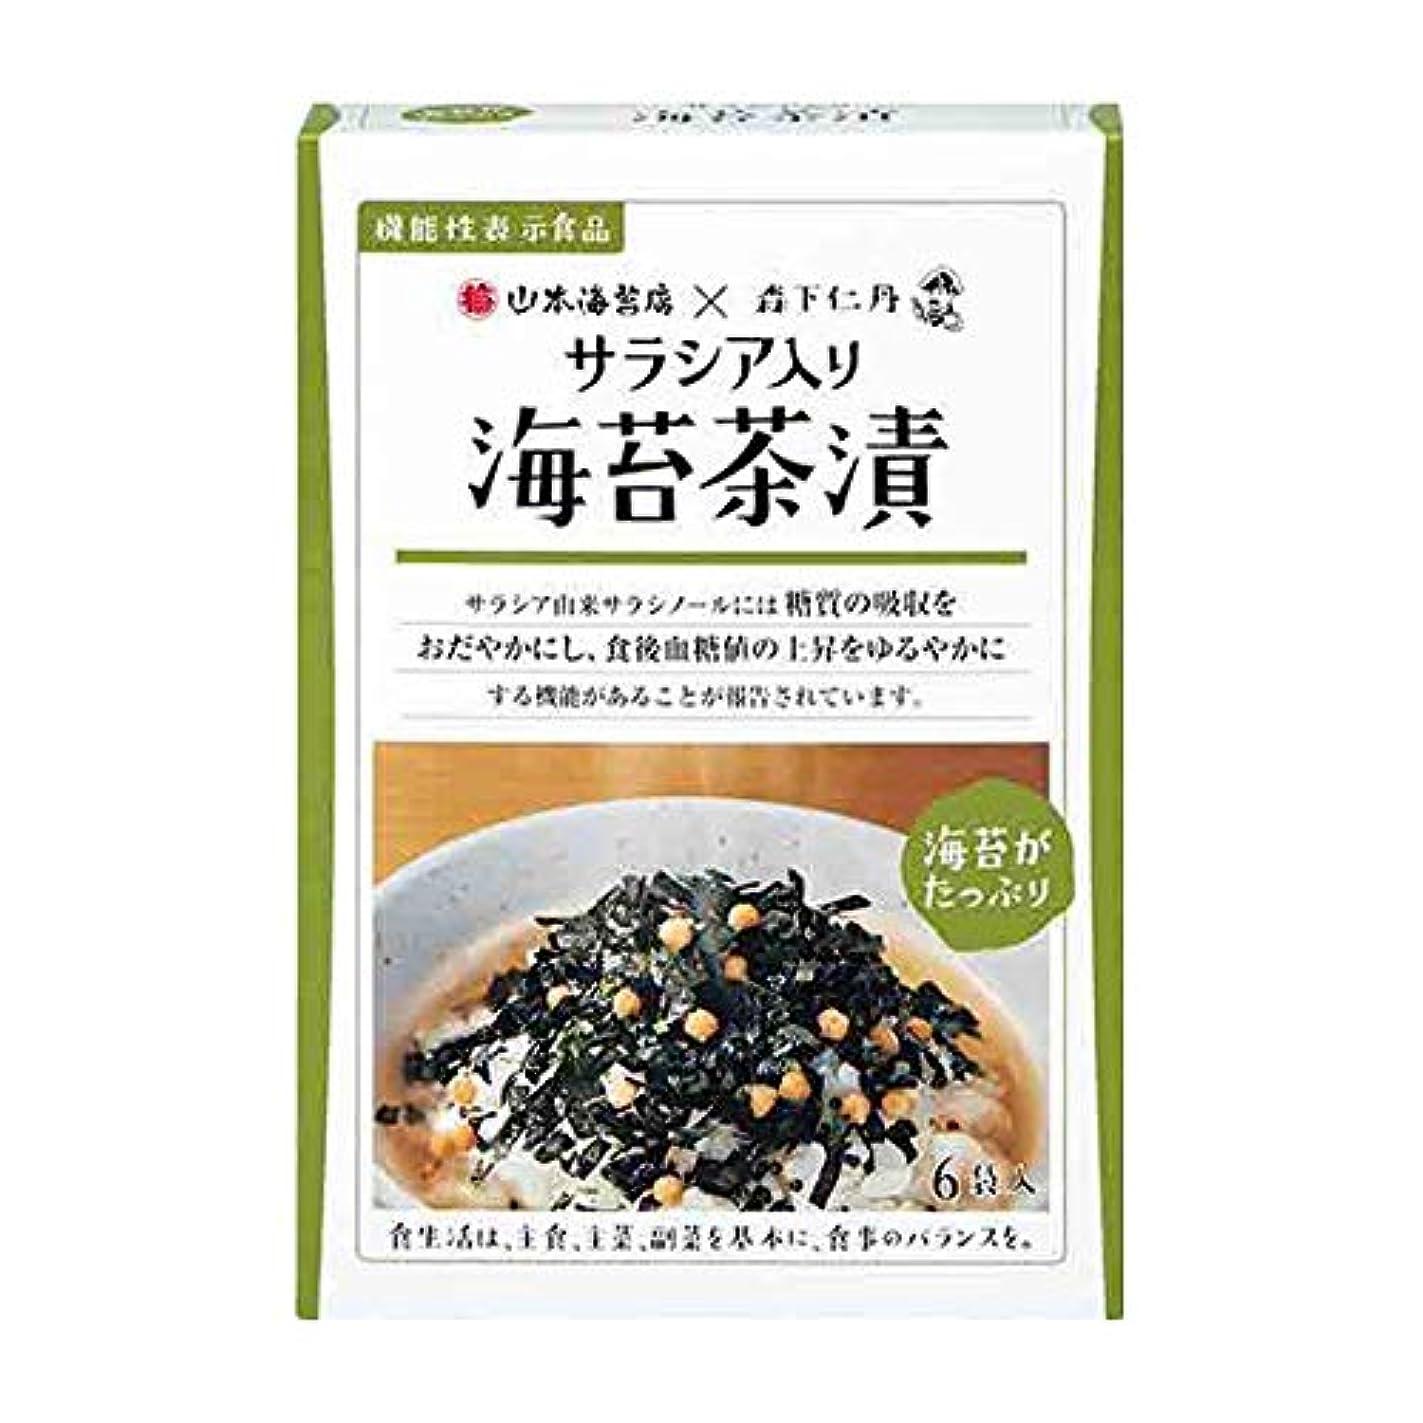 低い代表するフルート森下仁丹 海苔茶漬 サラシア入り (6.2g×6袋) [機能性表示食品]